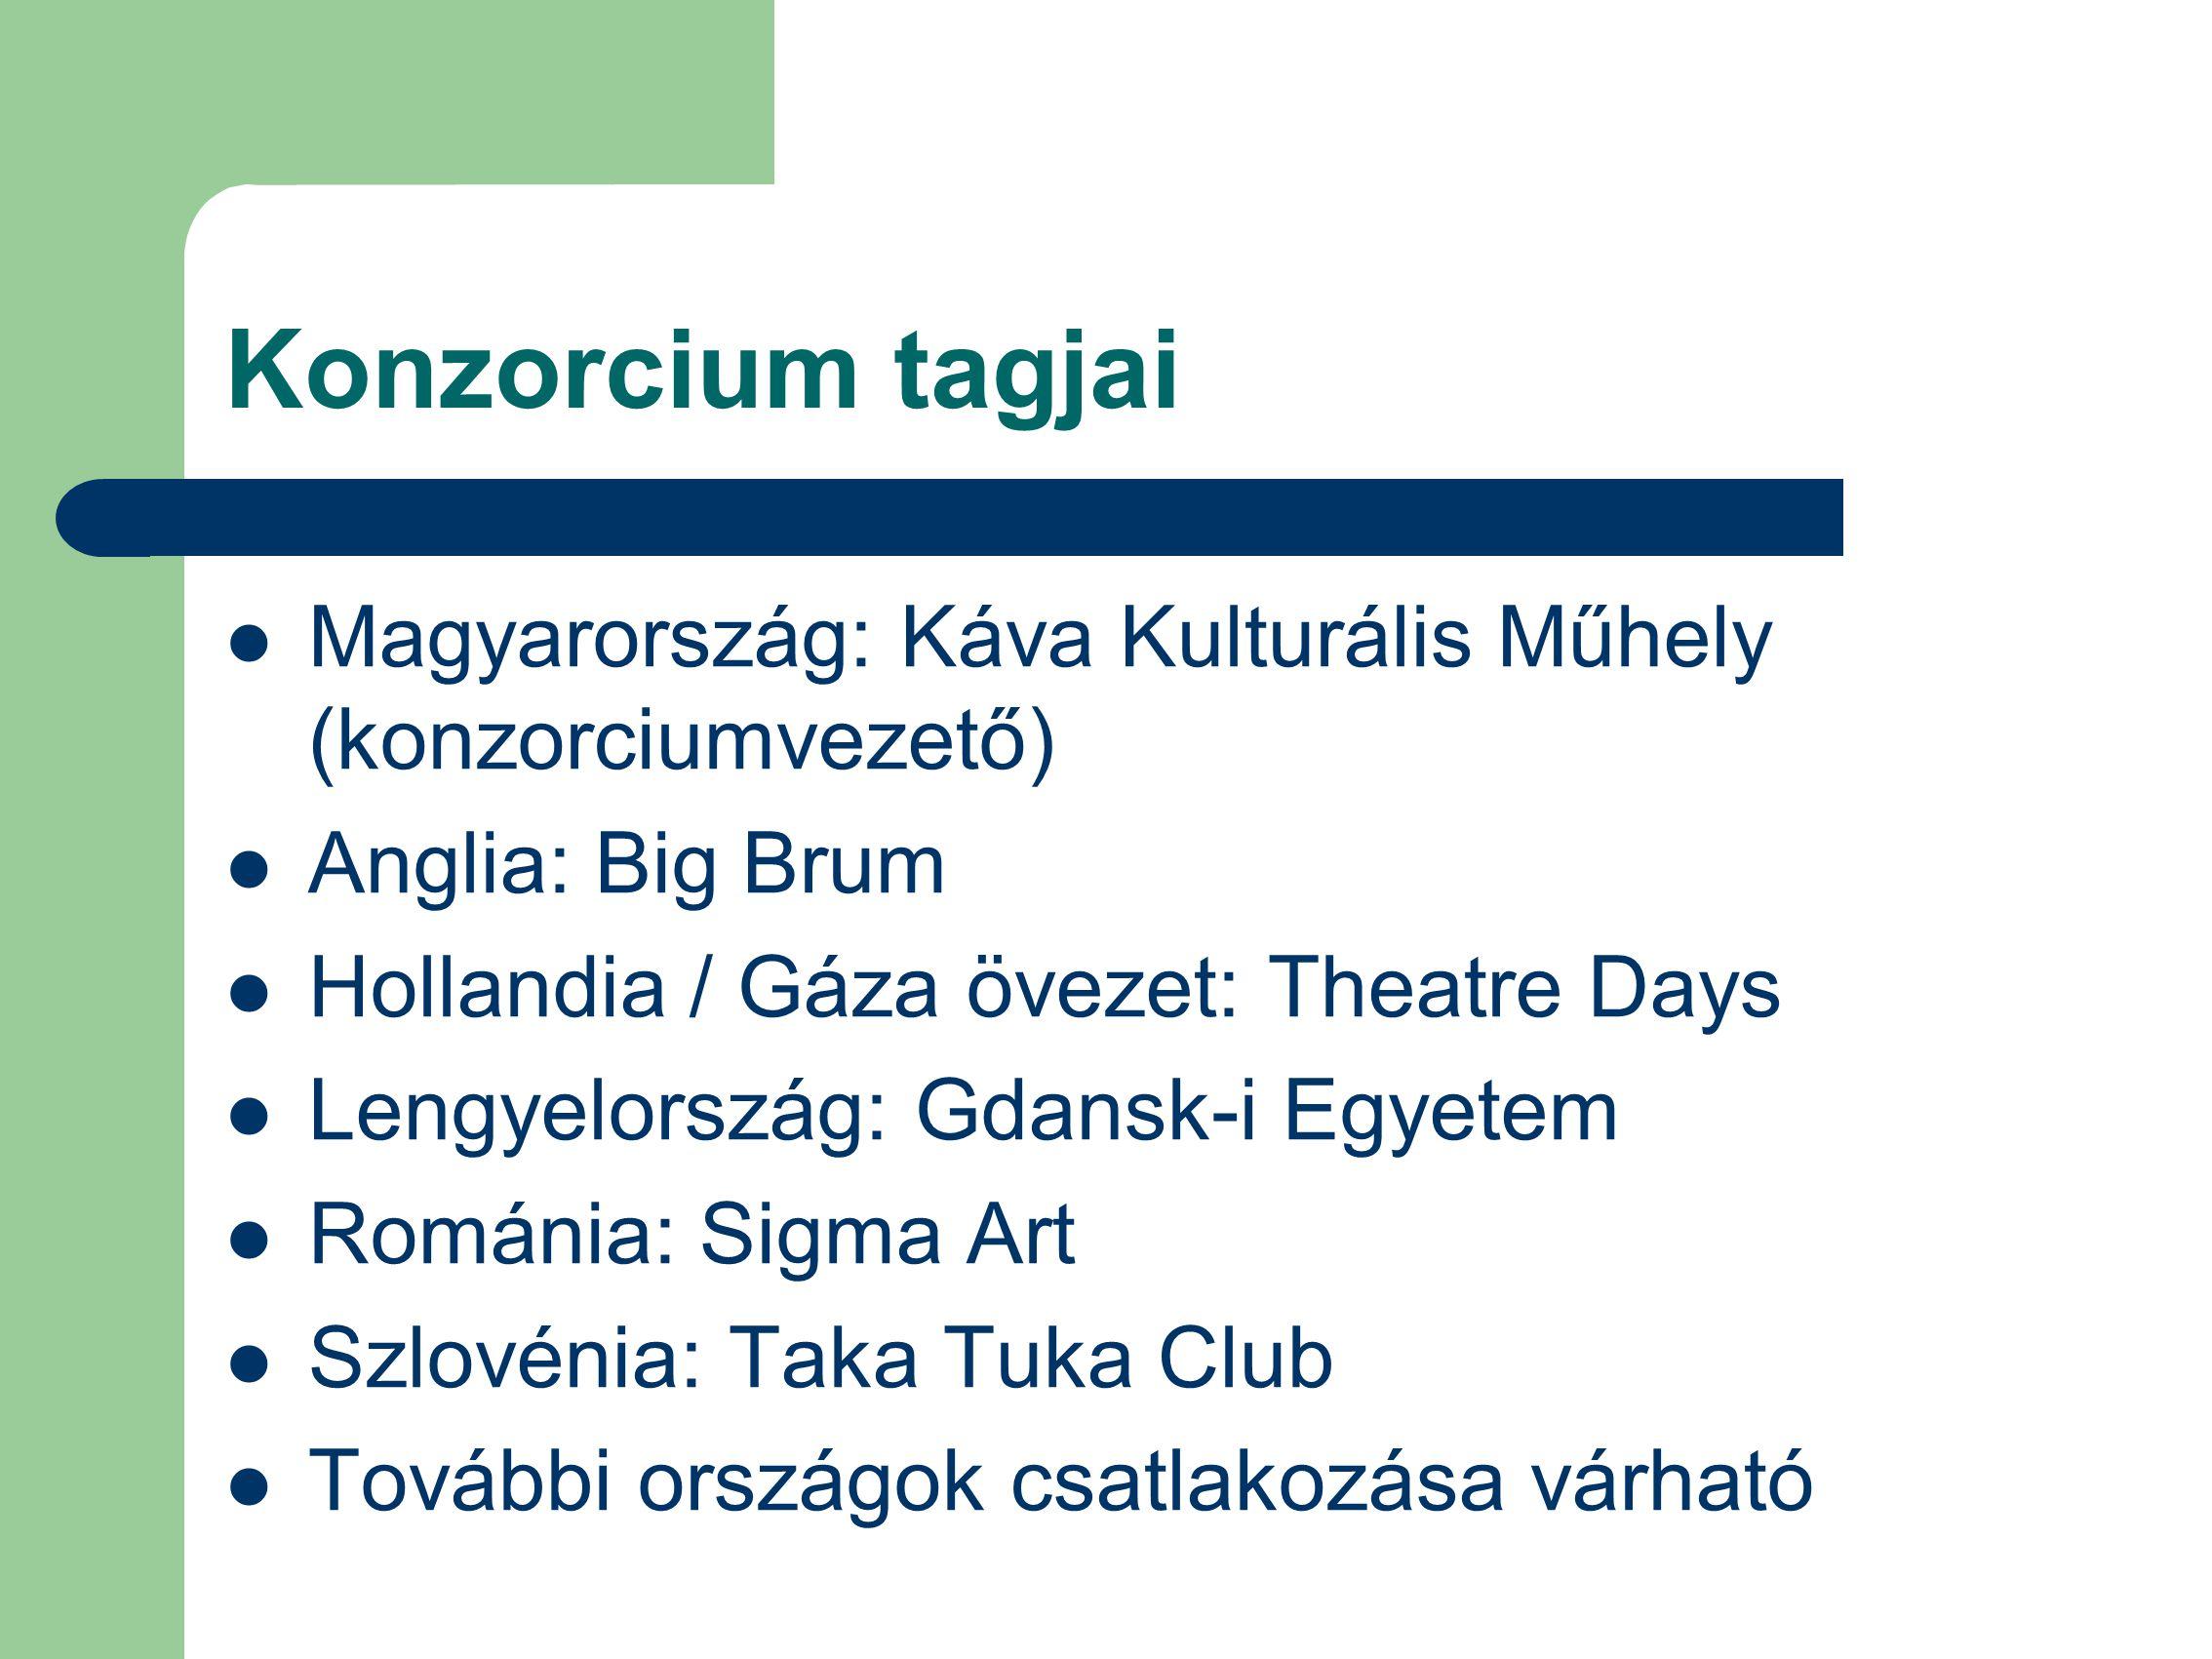 Konzorcium tagjai Magyarország: Káva Kulturális Műhely (konzorciumvezető) Anglia: Big Brum Hollandia / Gáza övezet: Theatre Days Lengyelország: Gdansk